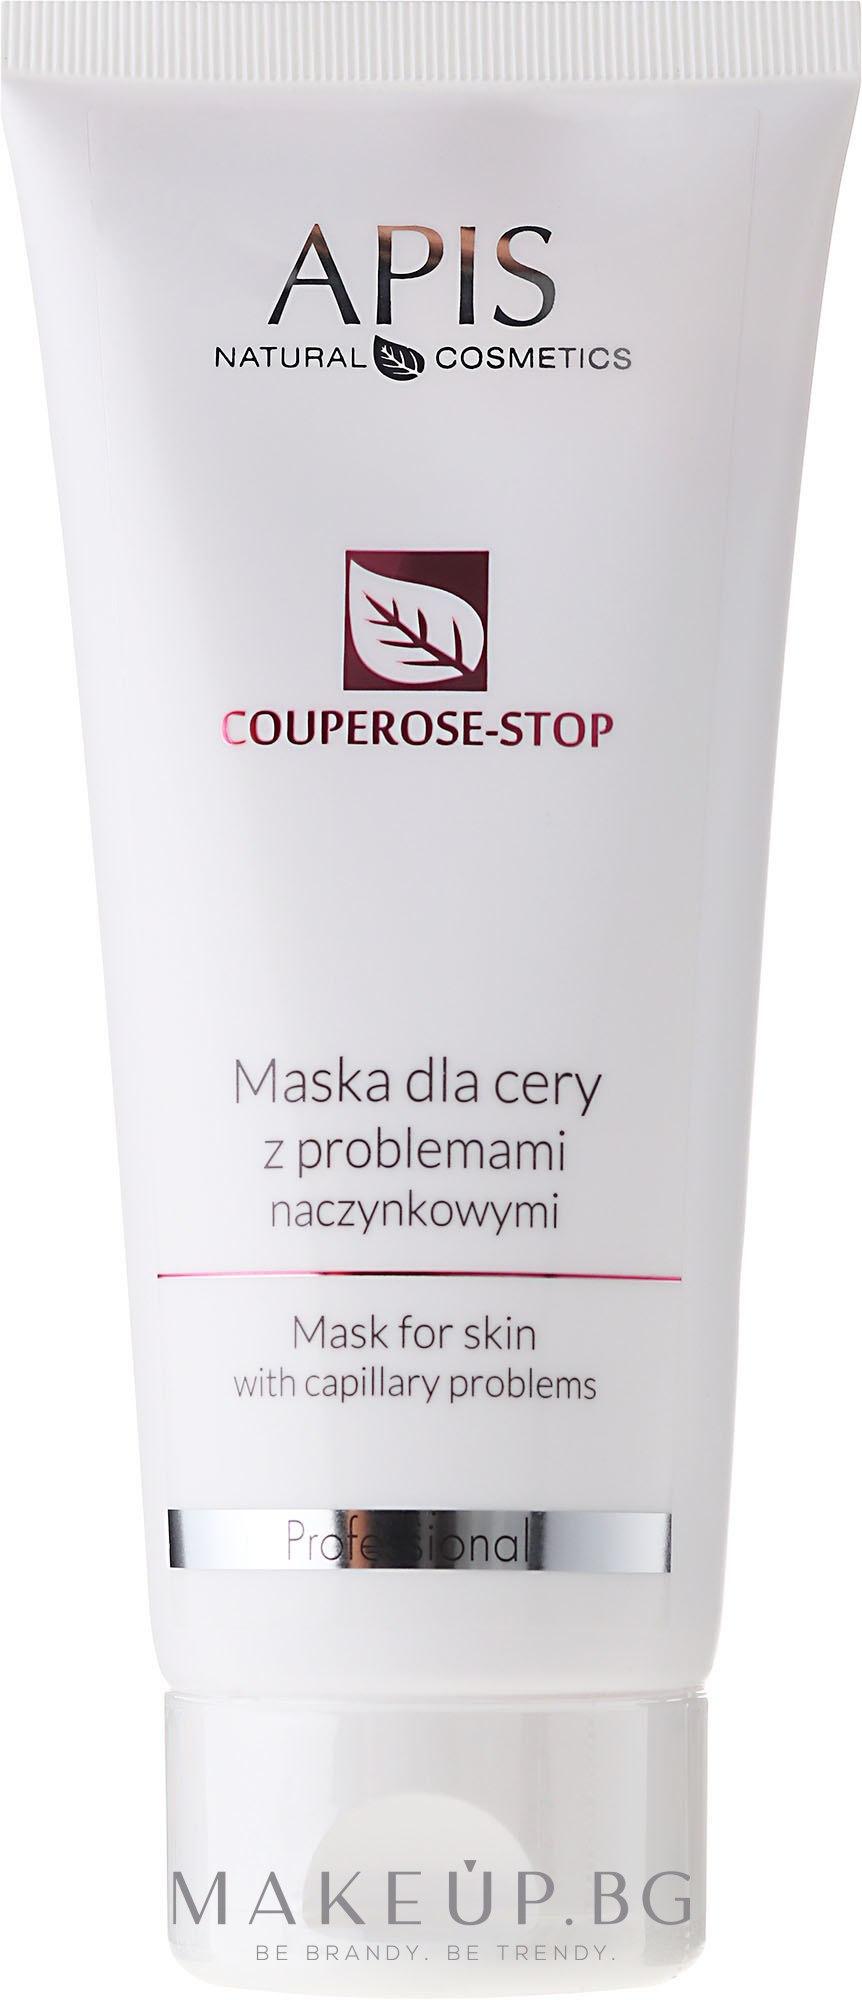 Маска за кожа с капиляри - APIS Professional Couperose-Stop Mask — снимка 200 ml